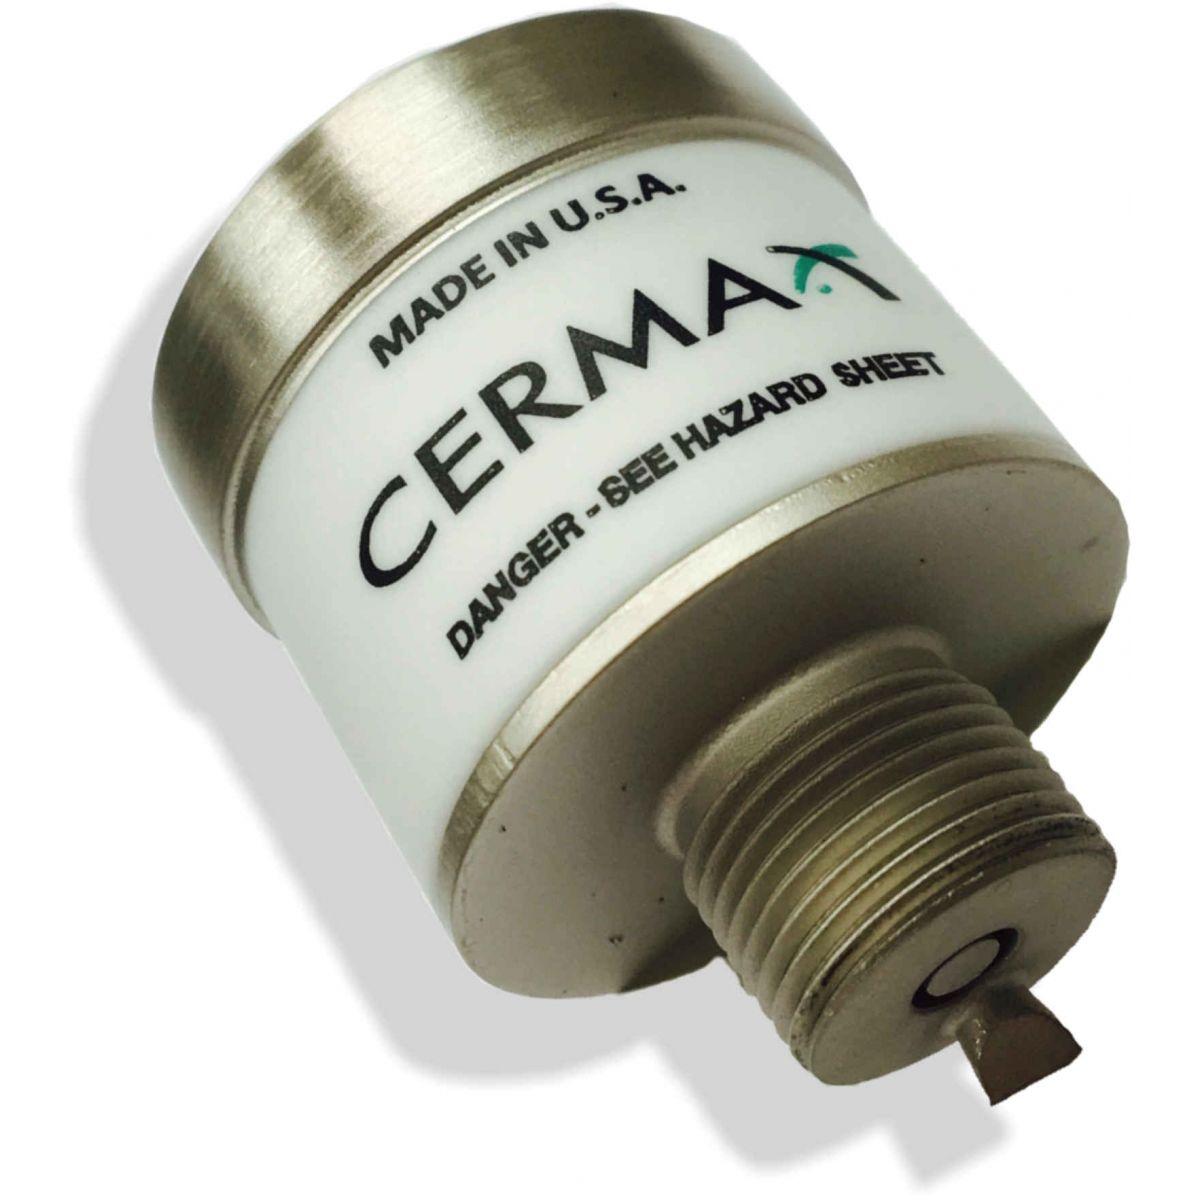 Cod.Y2900 - Lâmpada VAC300-F13-B-MB Bare Bulbs Y2900  - lampadas.net